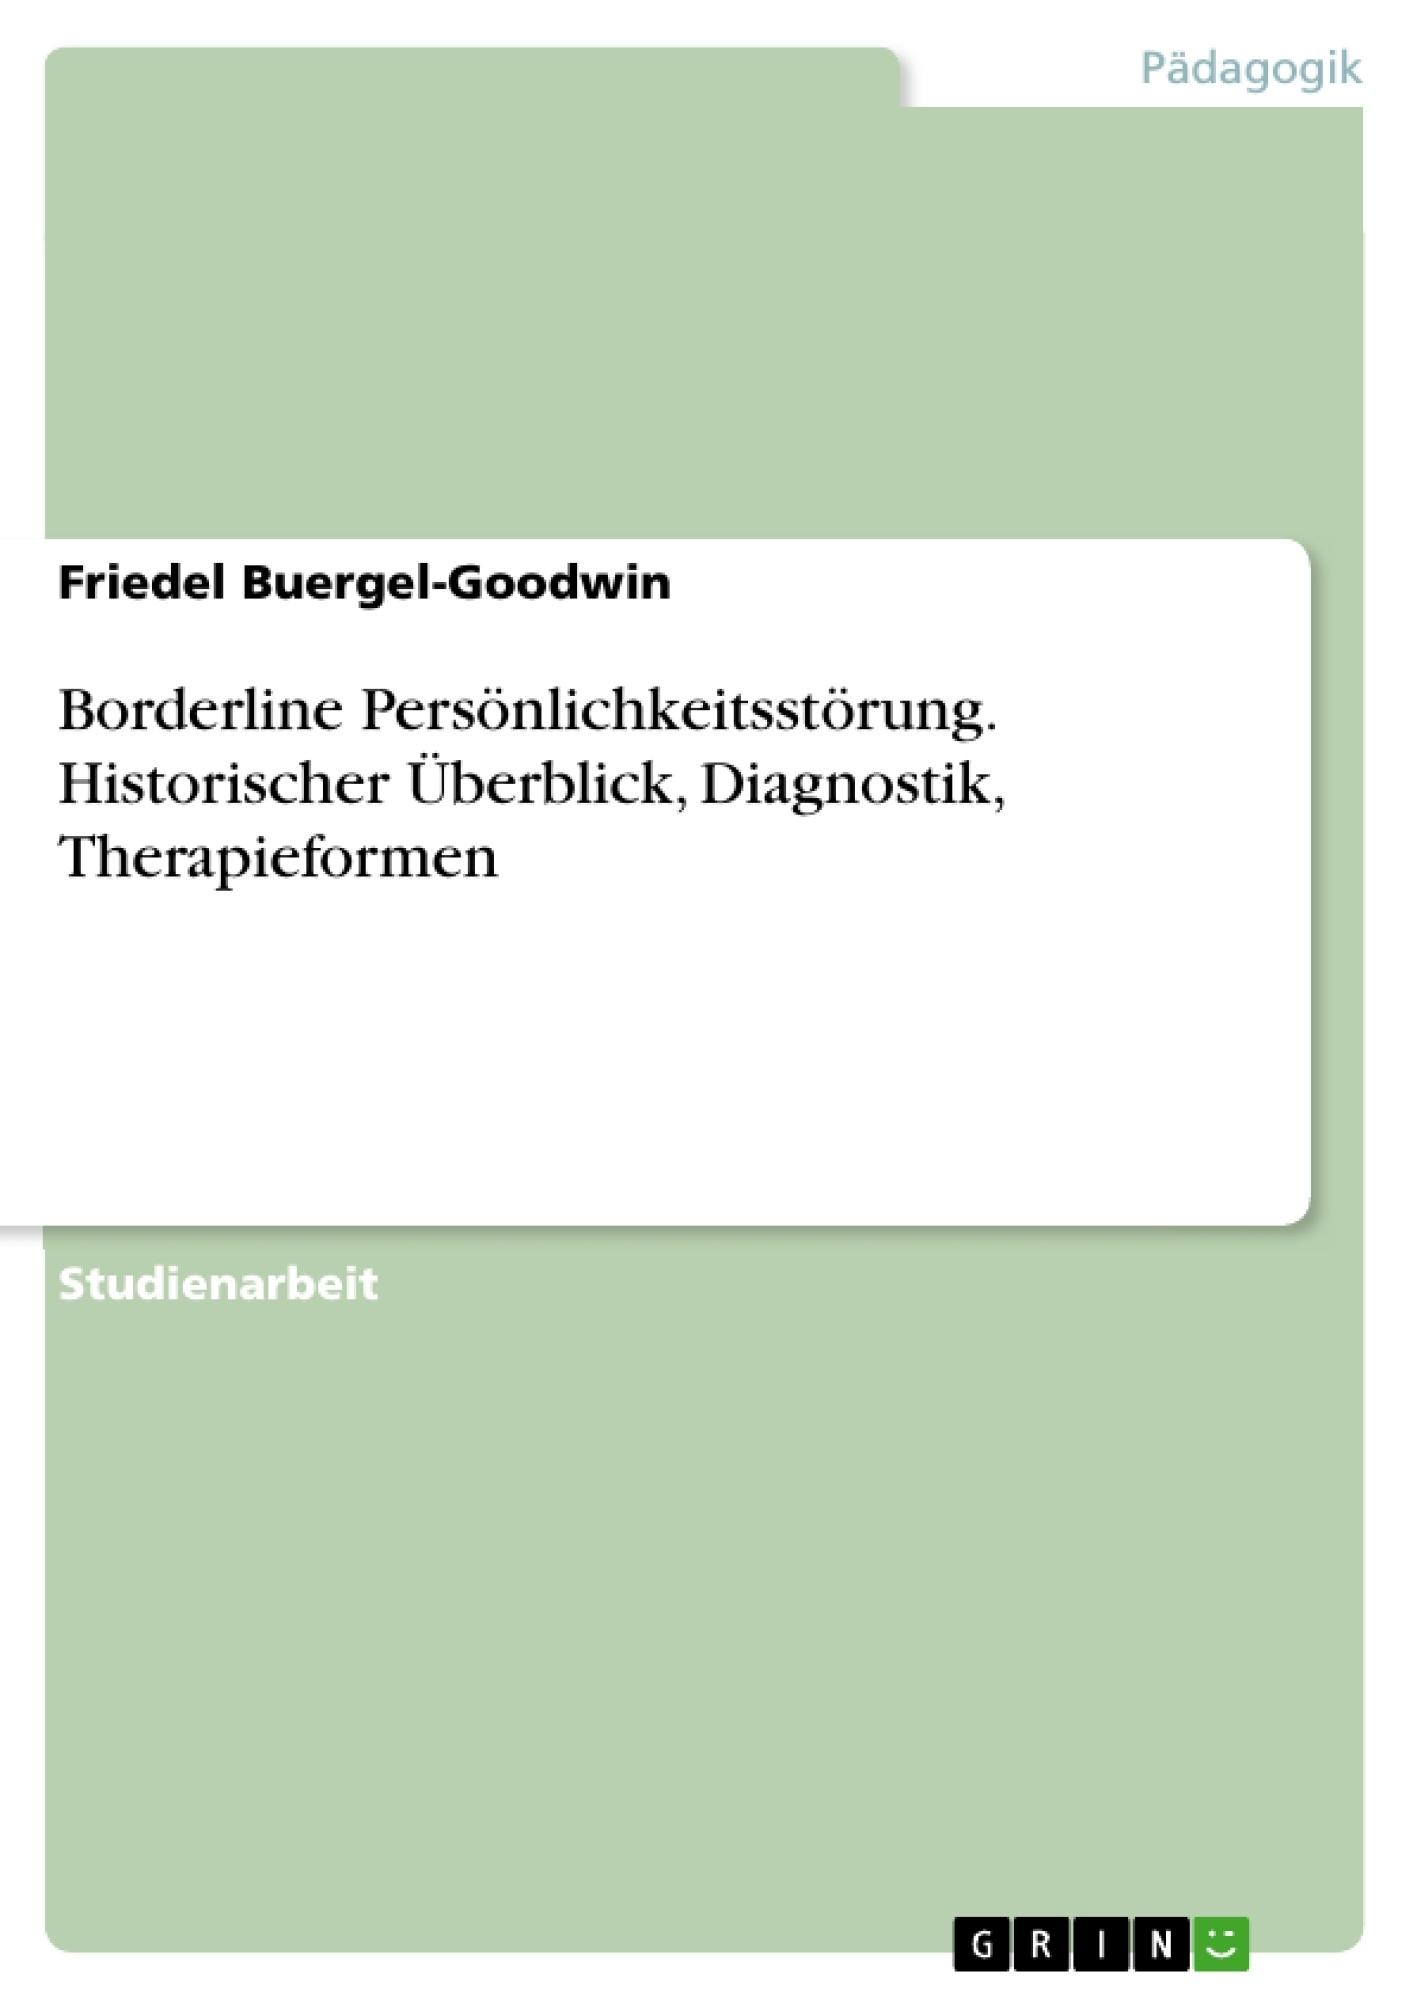 Titel: Borderline Persönlichkeitsstörung. Historischer Überblick, Diagnostik, Therapieformen